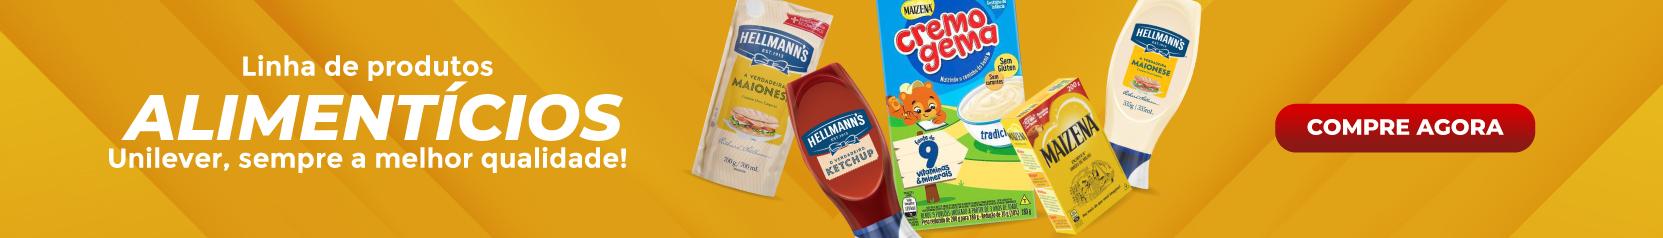 CenterMiddle Linha de produtos alimentícios